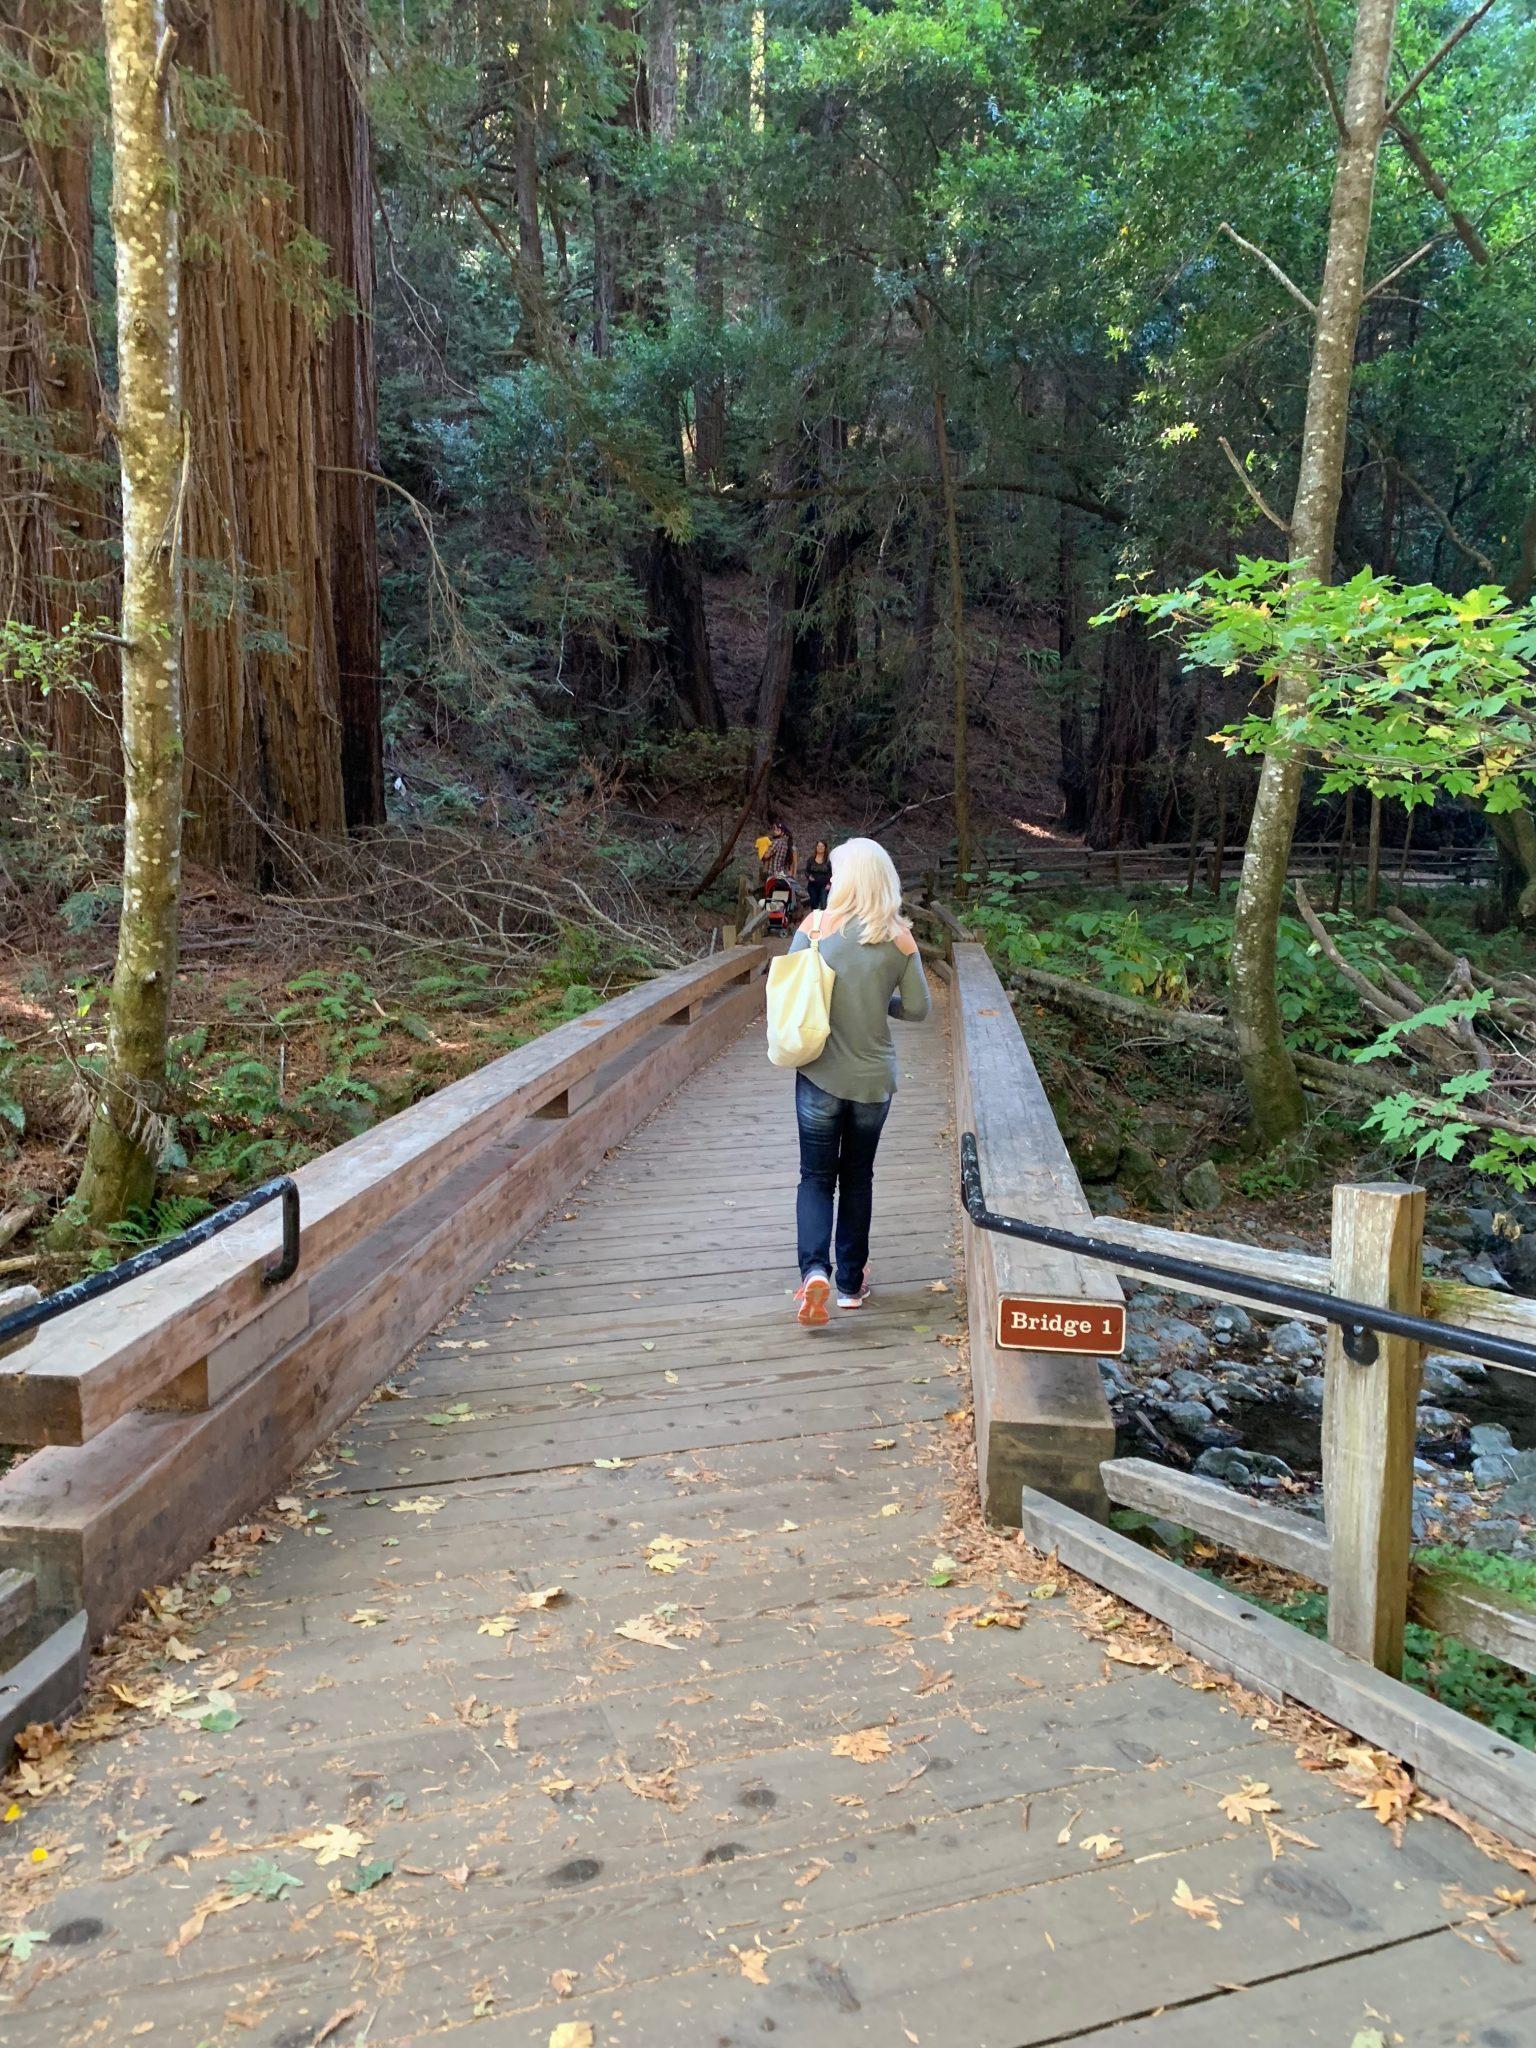 Bridge 1 Muir Woods